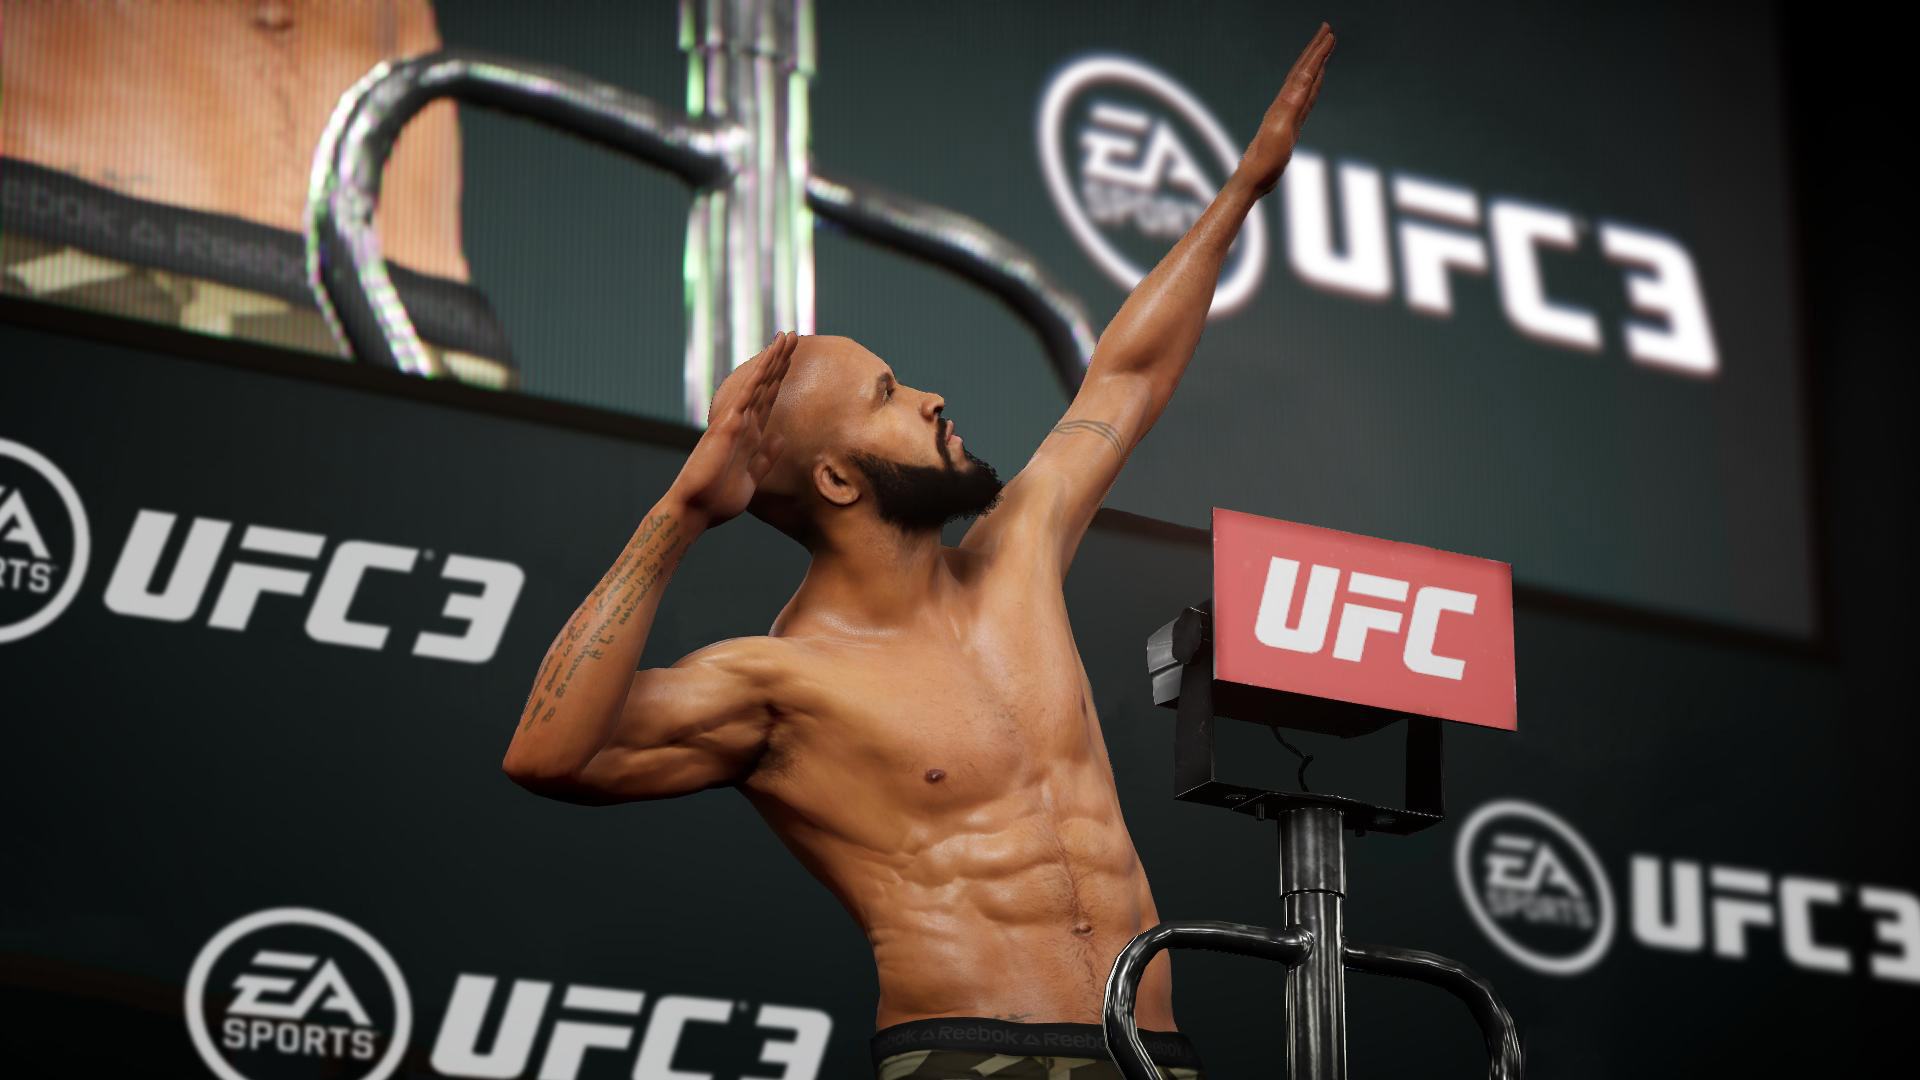 Скриншот №5 к EA SPORTS UFC 3